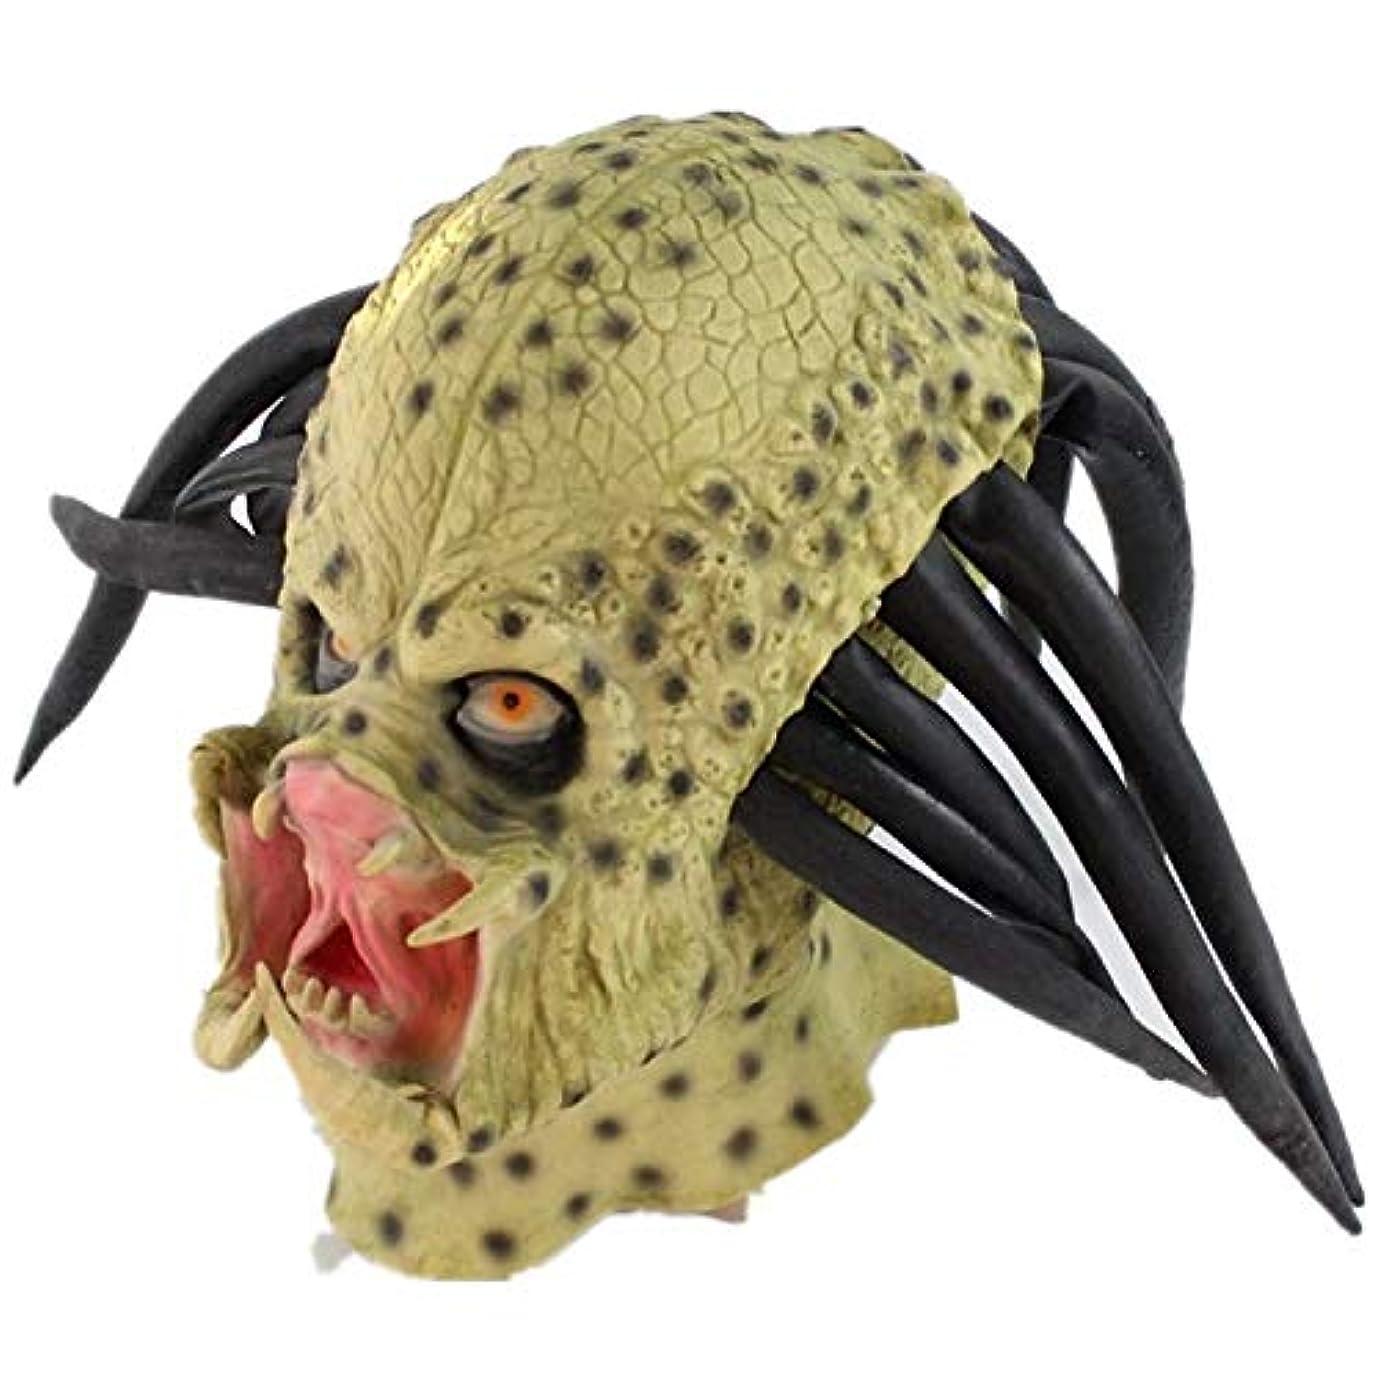 乗り出すポスト印象派花弁VSプレデターエイリアンプレデターはラテックス帽子ホラーハロウィーンマスクマスクマスク